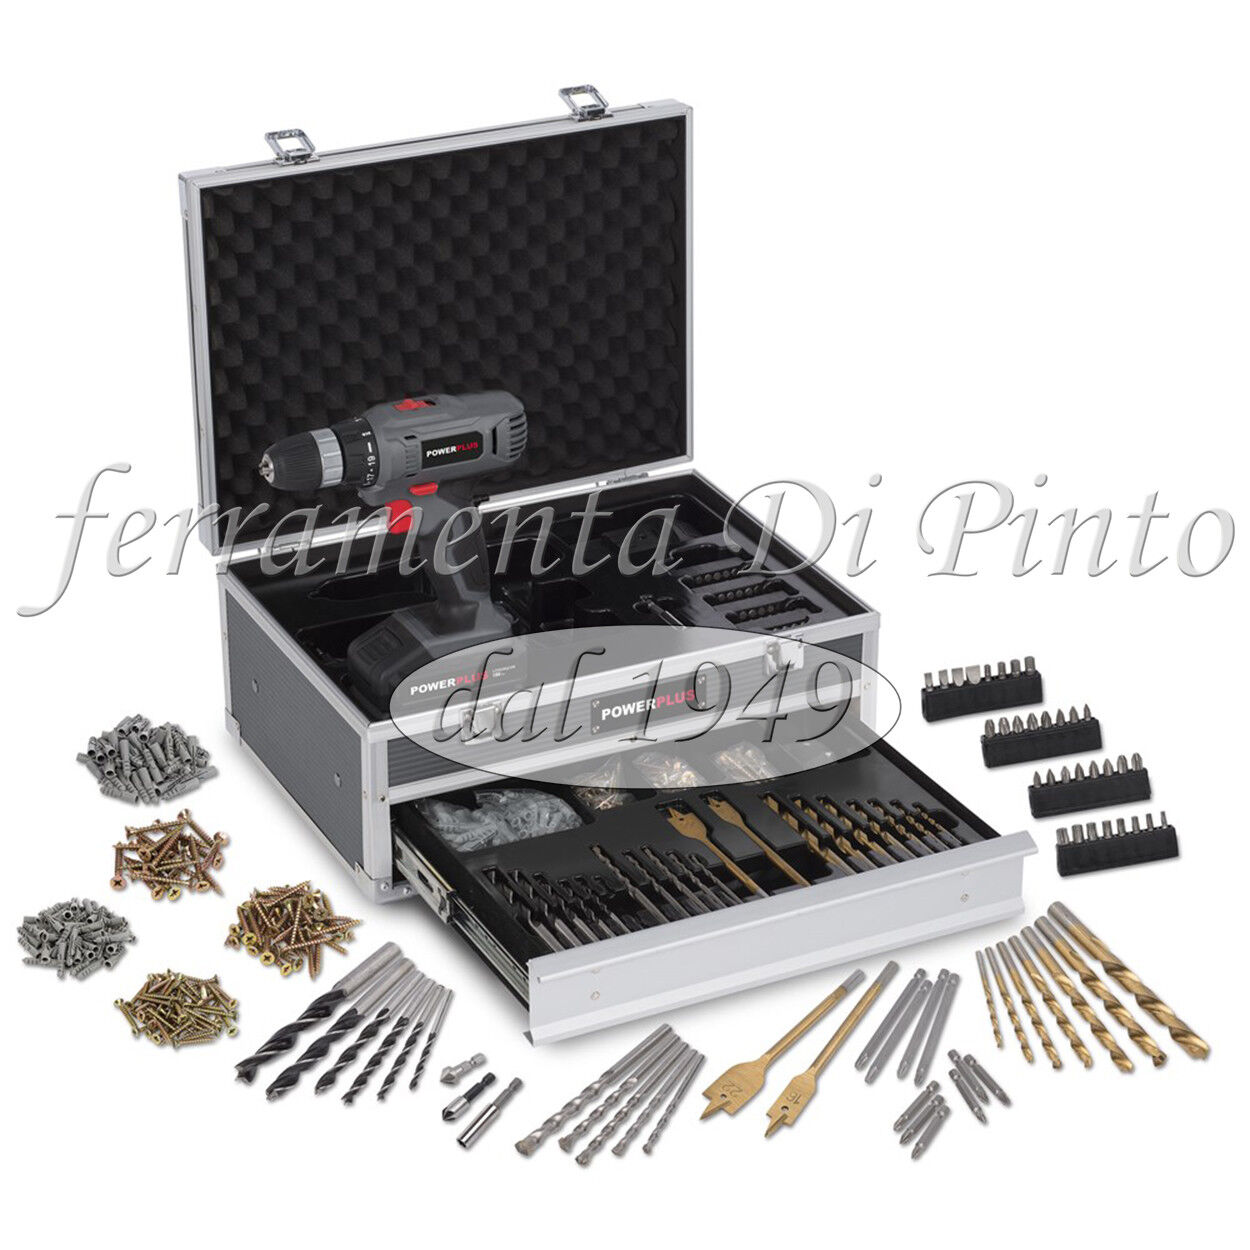 Avvitatore Trapano 2 2 2 Batteria LITIO 18V 1300 mAh 30 Nm REVERSIBILE 275 Accessori 247a2a